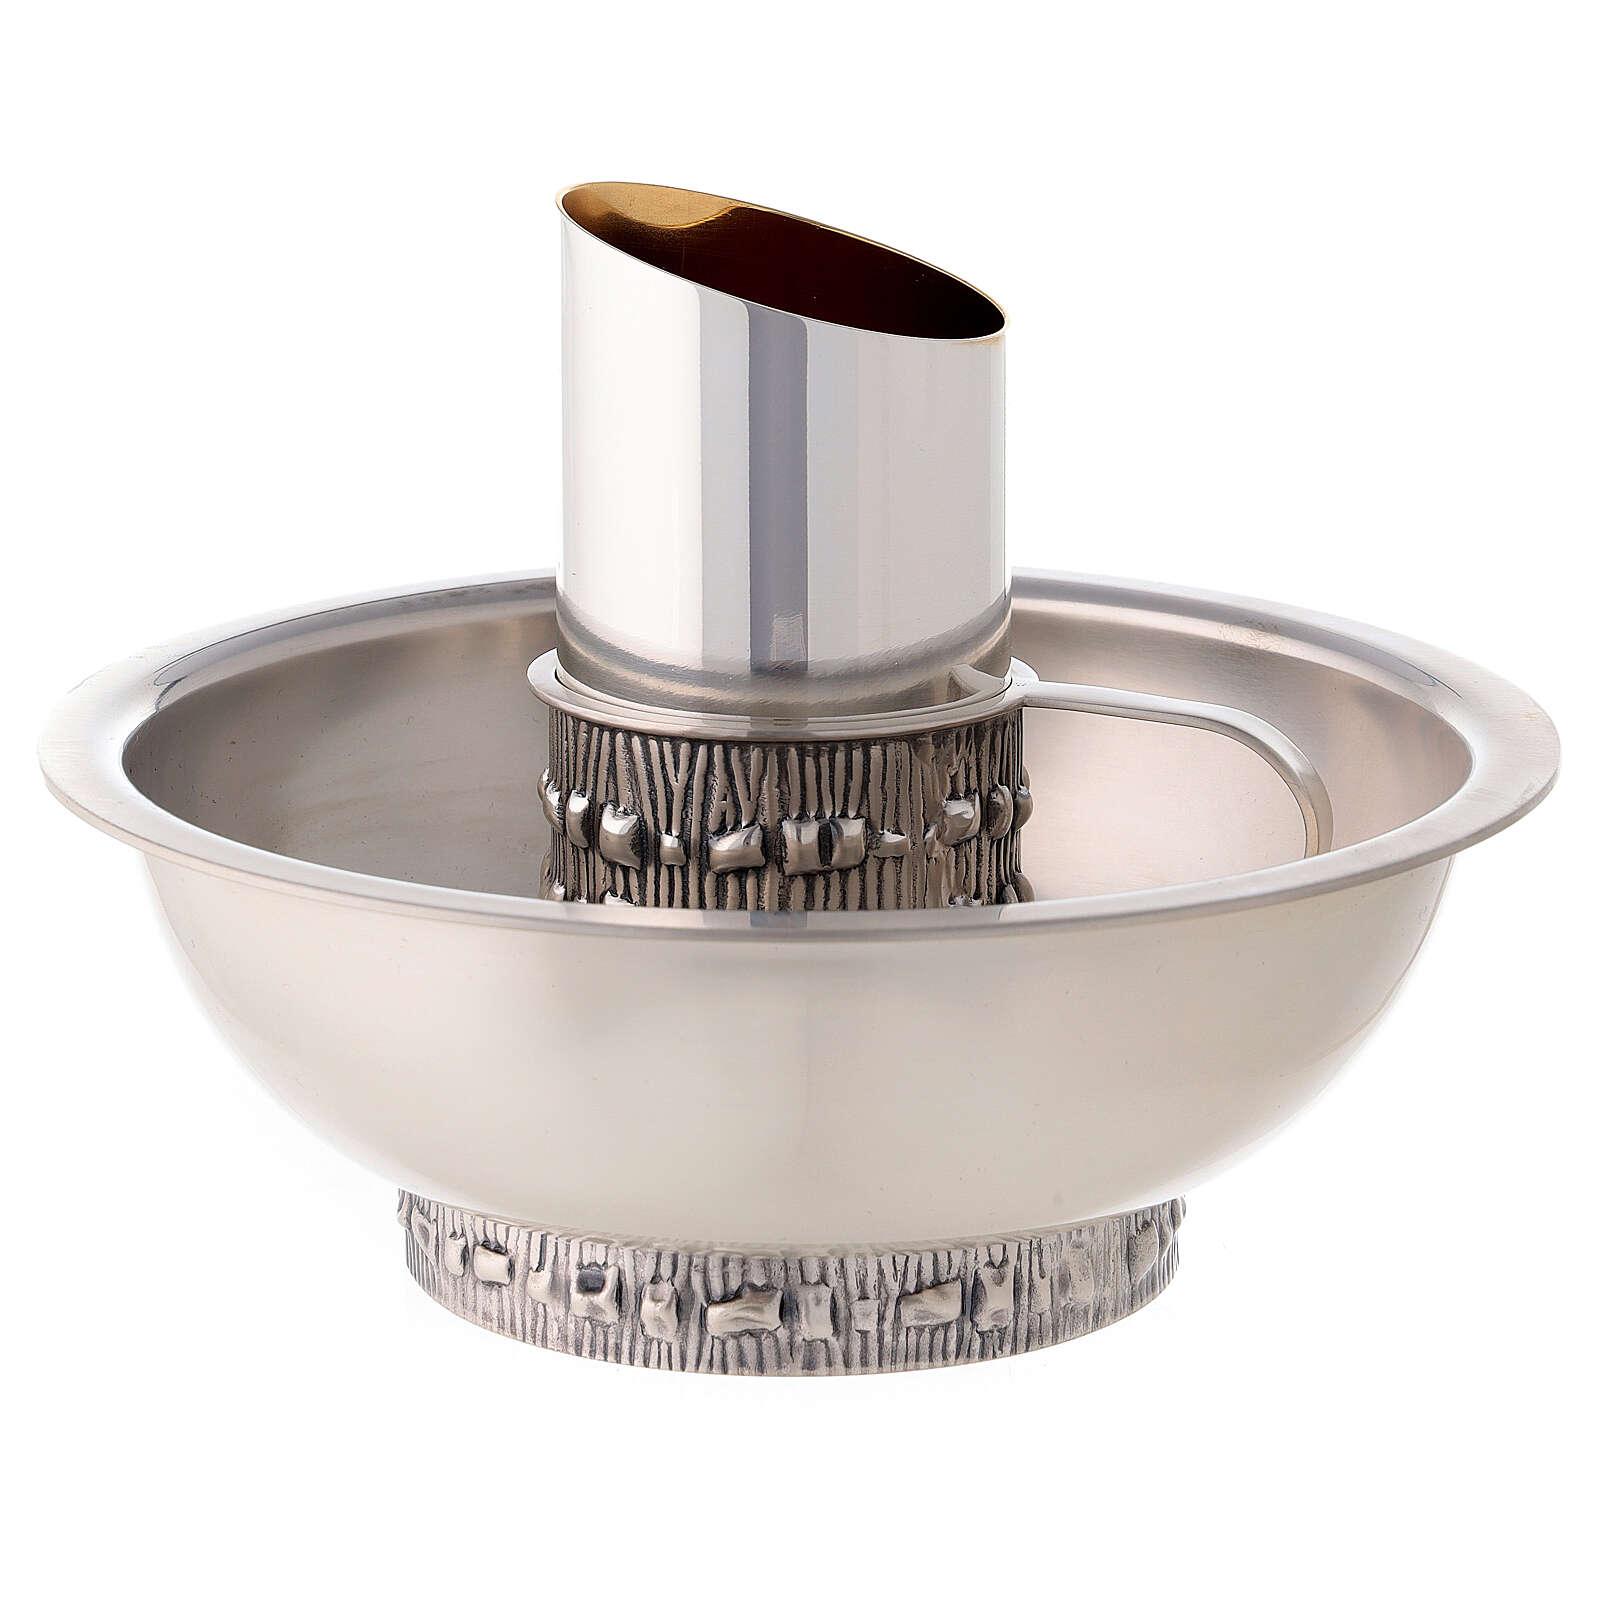 Aiguière lavage mains Molina avec bassin laiton argenté 3